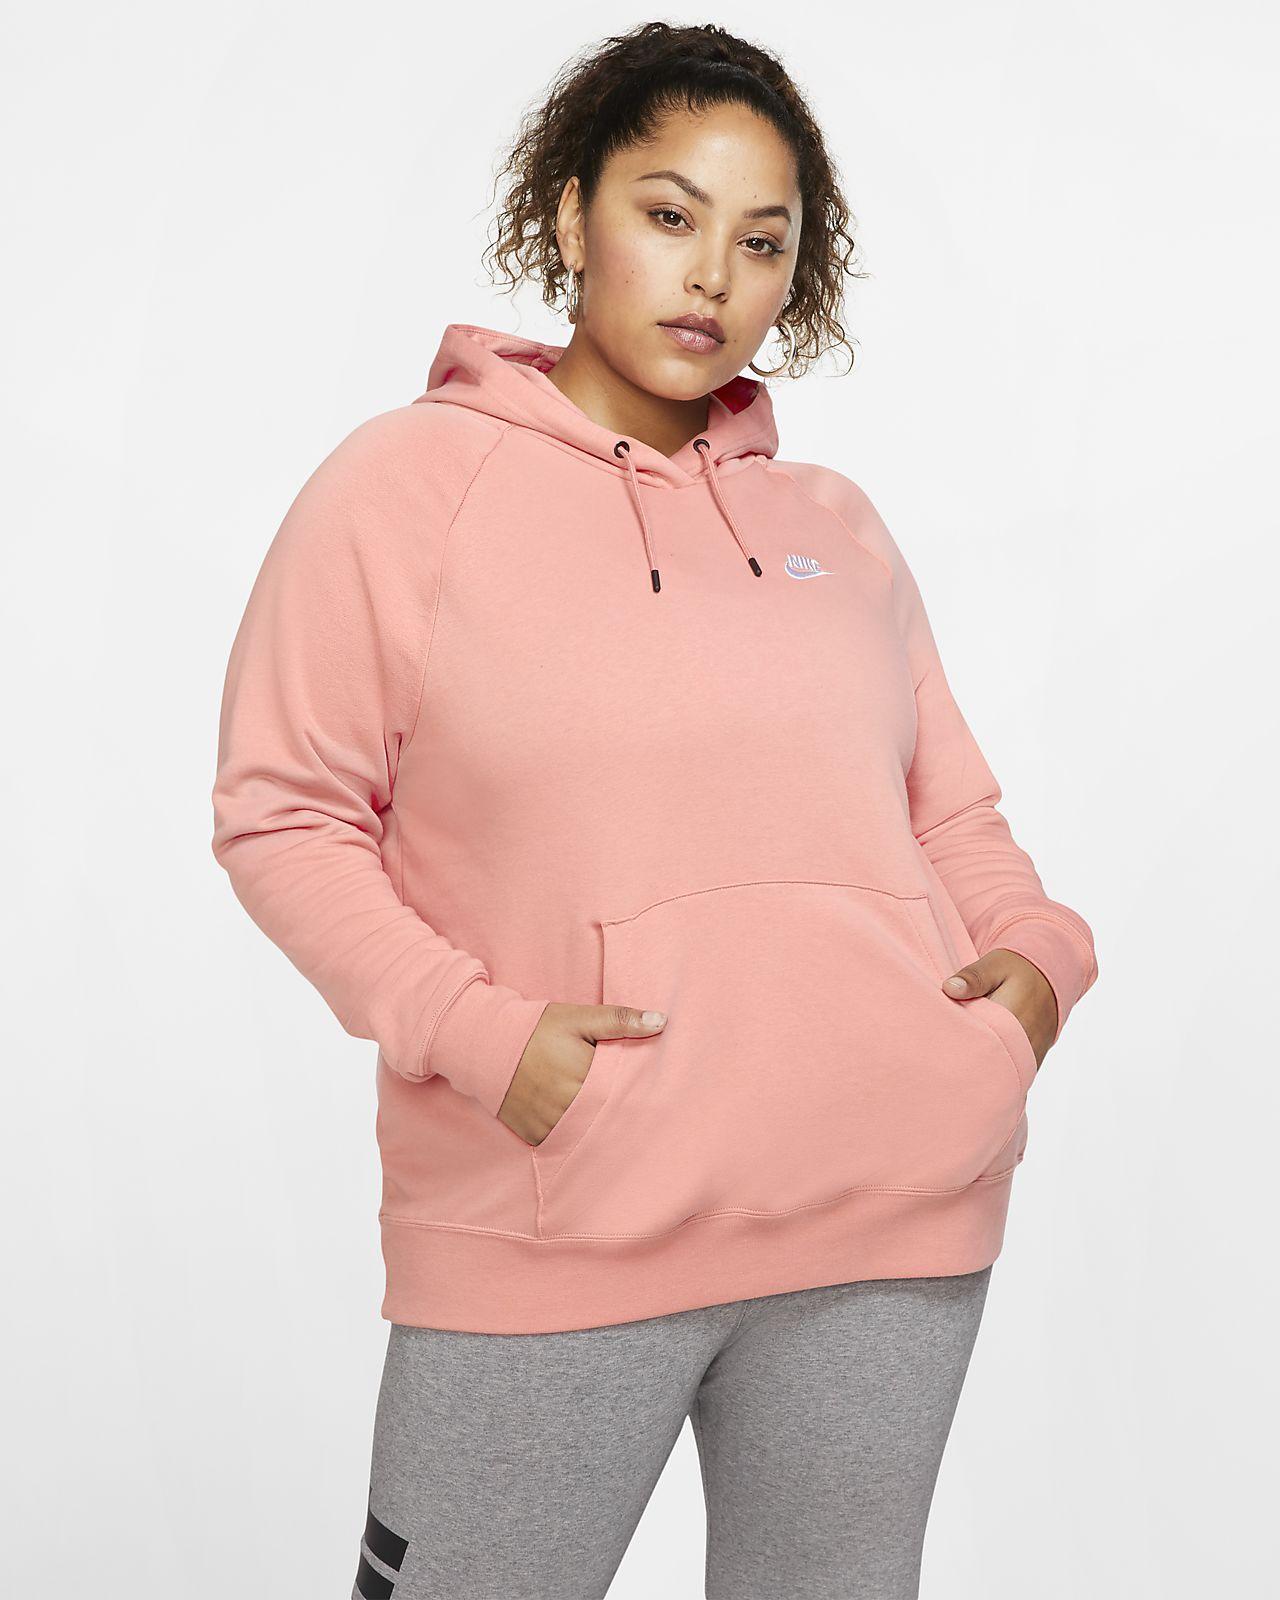 nike sportswear essential donna